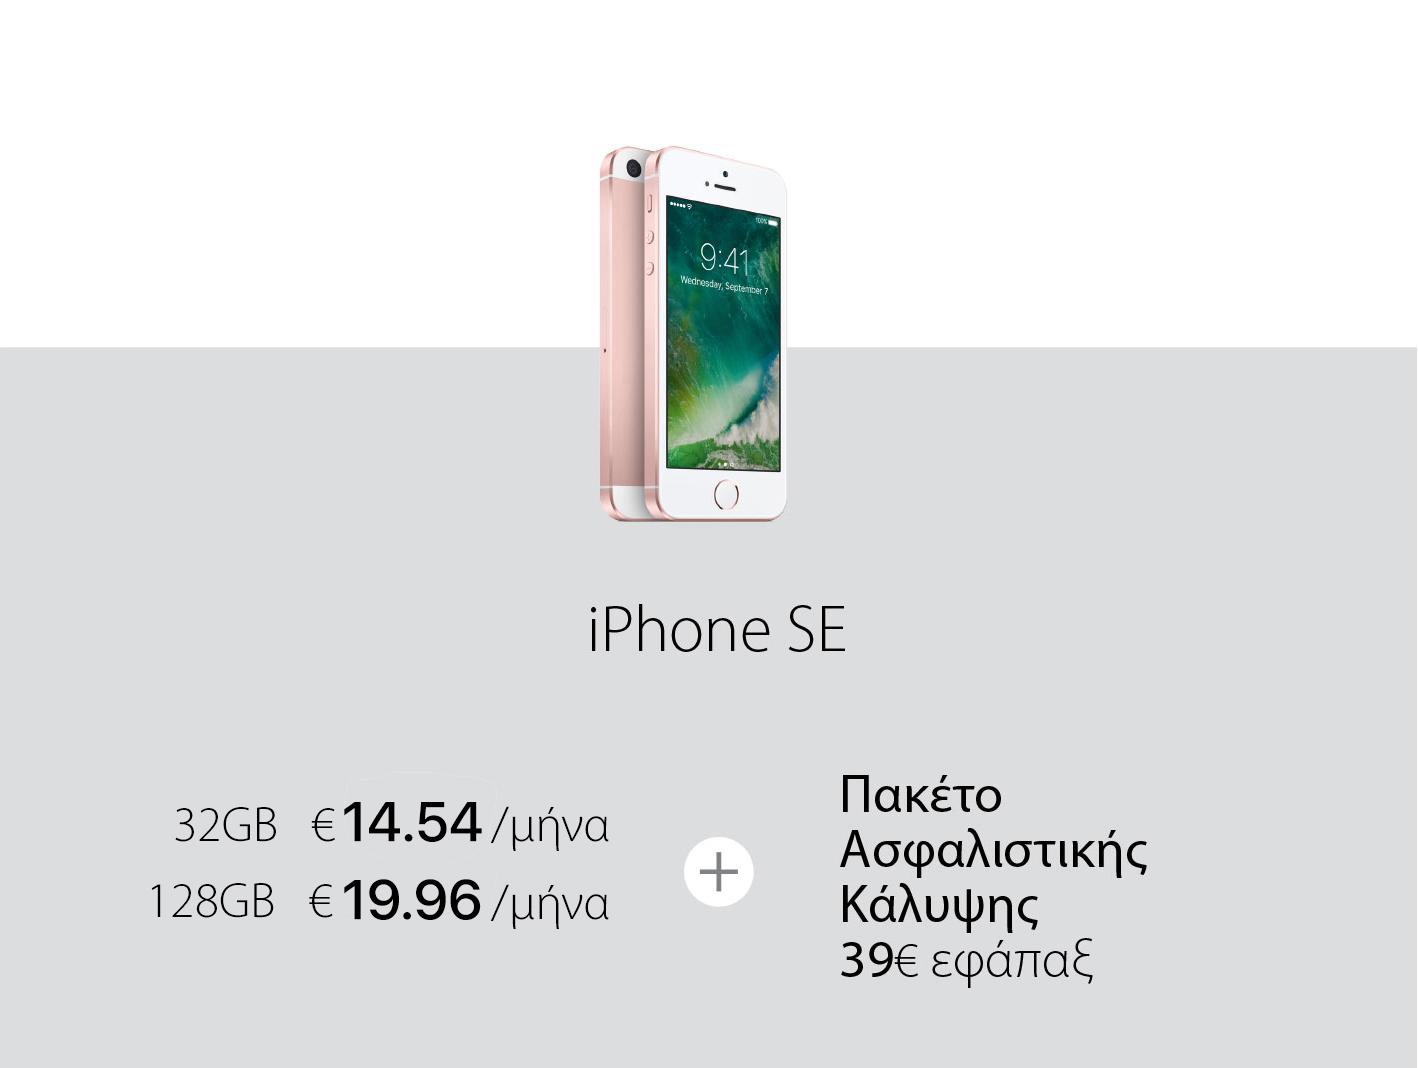 Χαμηλή μηνιαία δόση iPhone SE